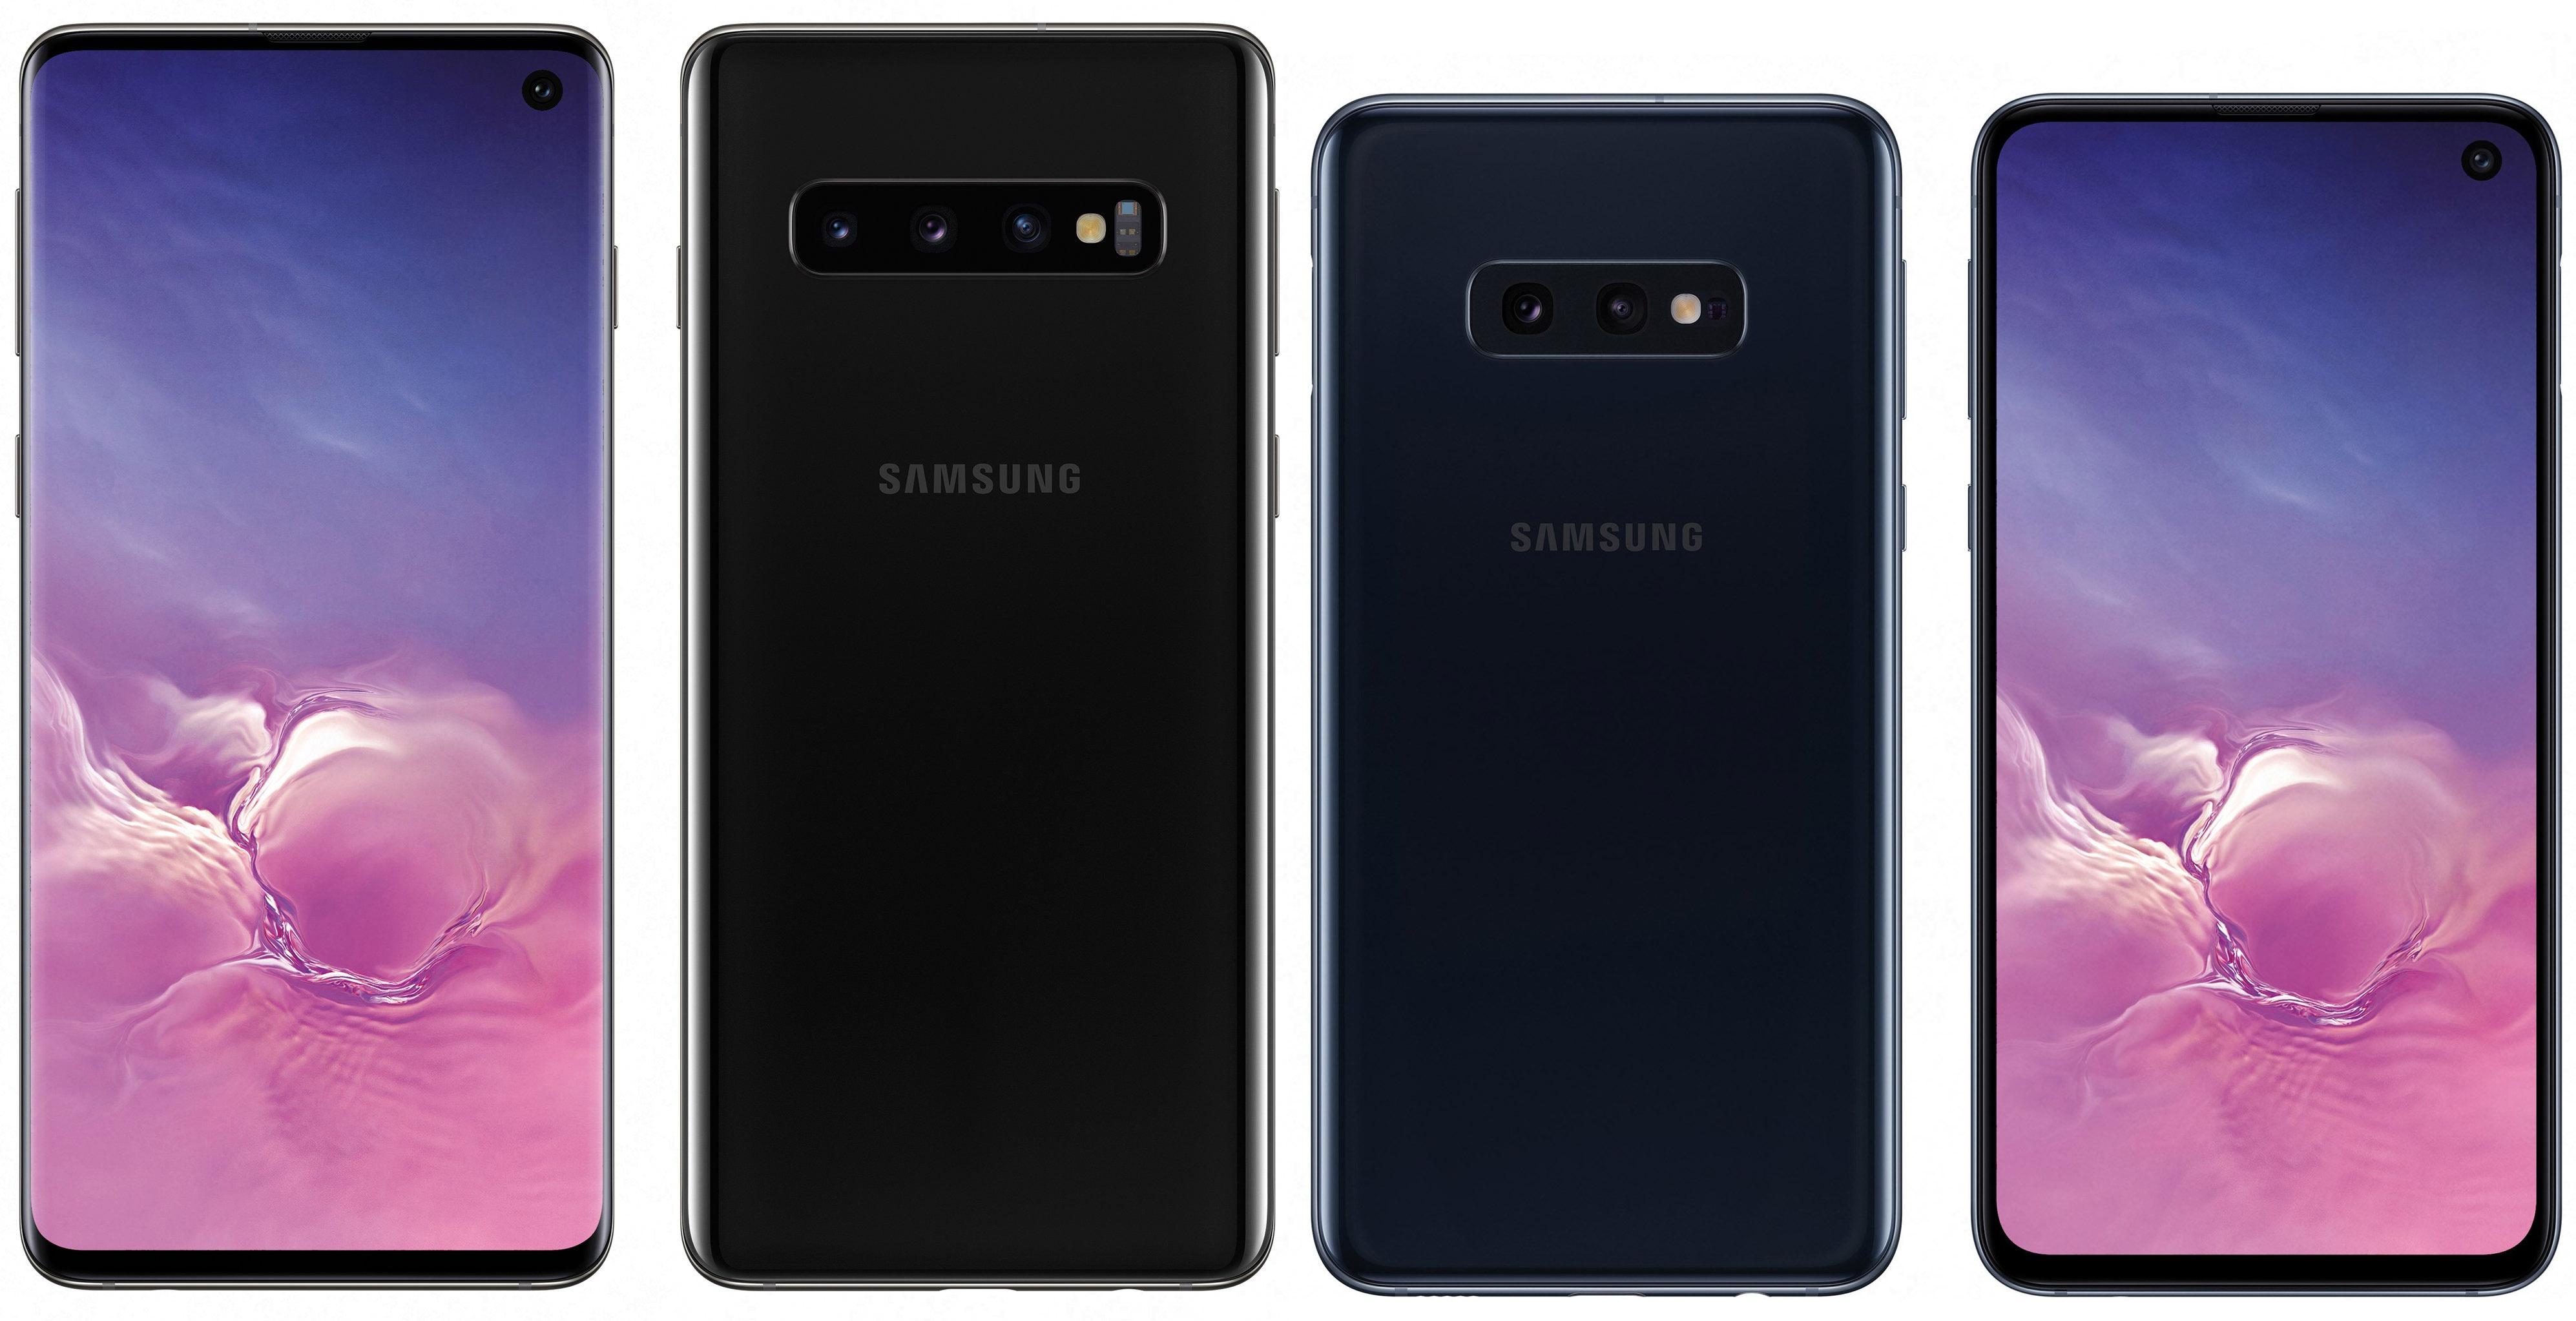 Samsung lanzará nuevos teléfonos inteligentes en una semana